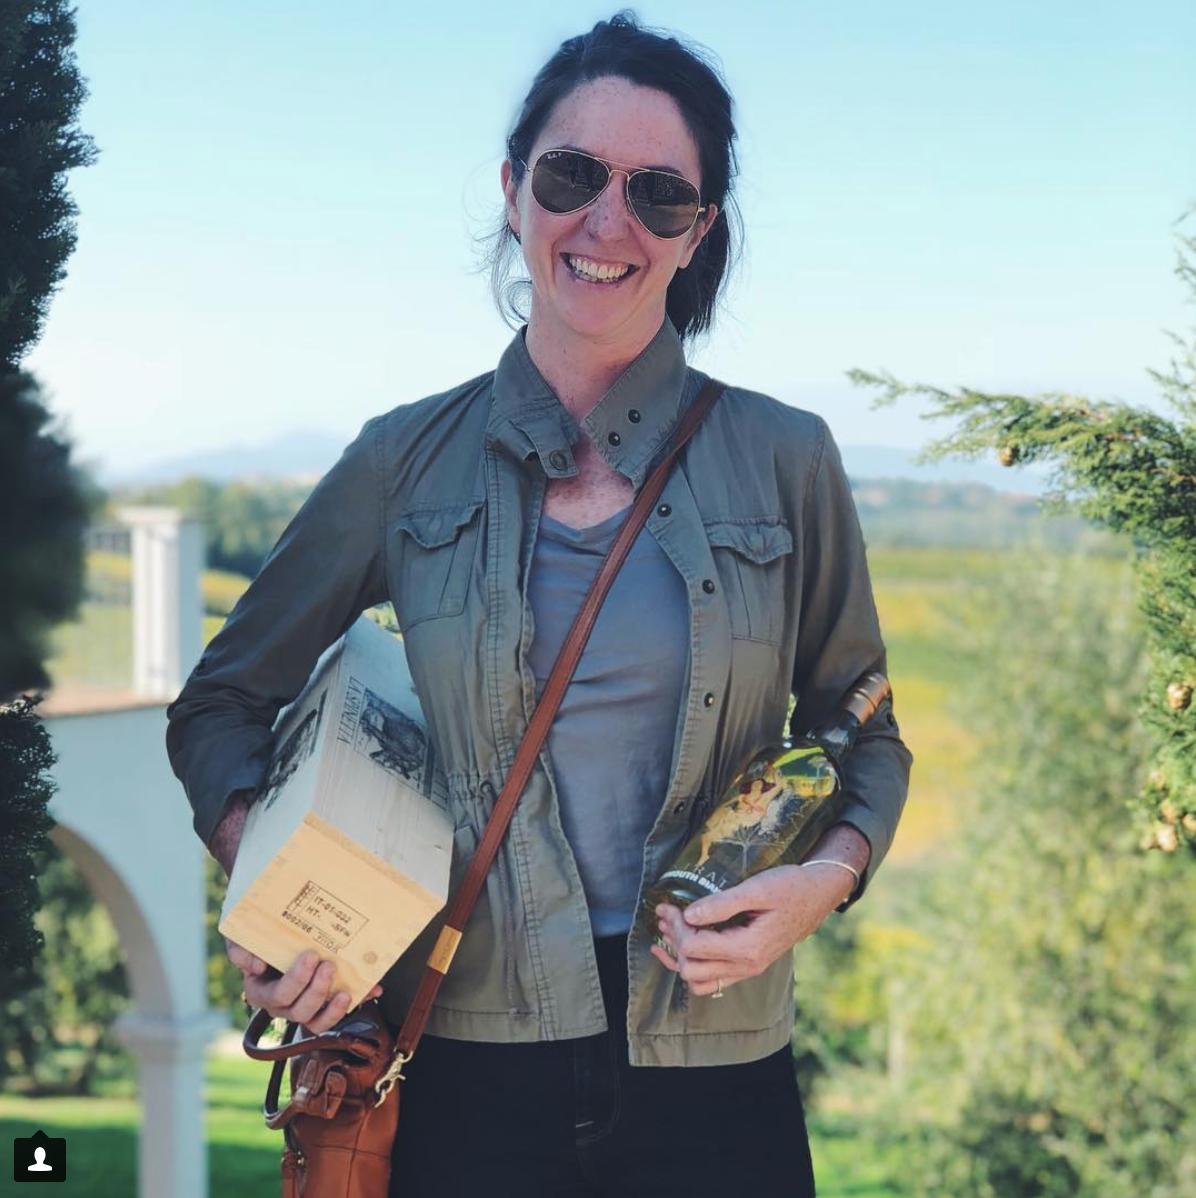 Vino Veritas - An Educational New Wine Series with Jodie Battles